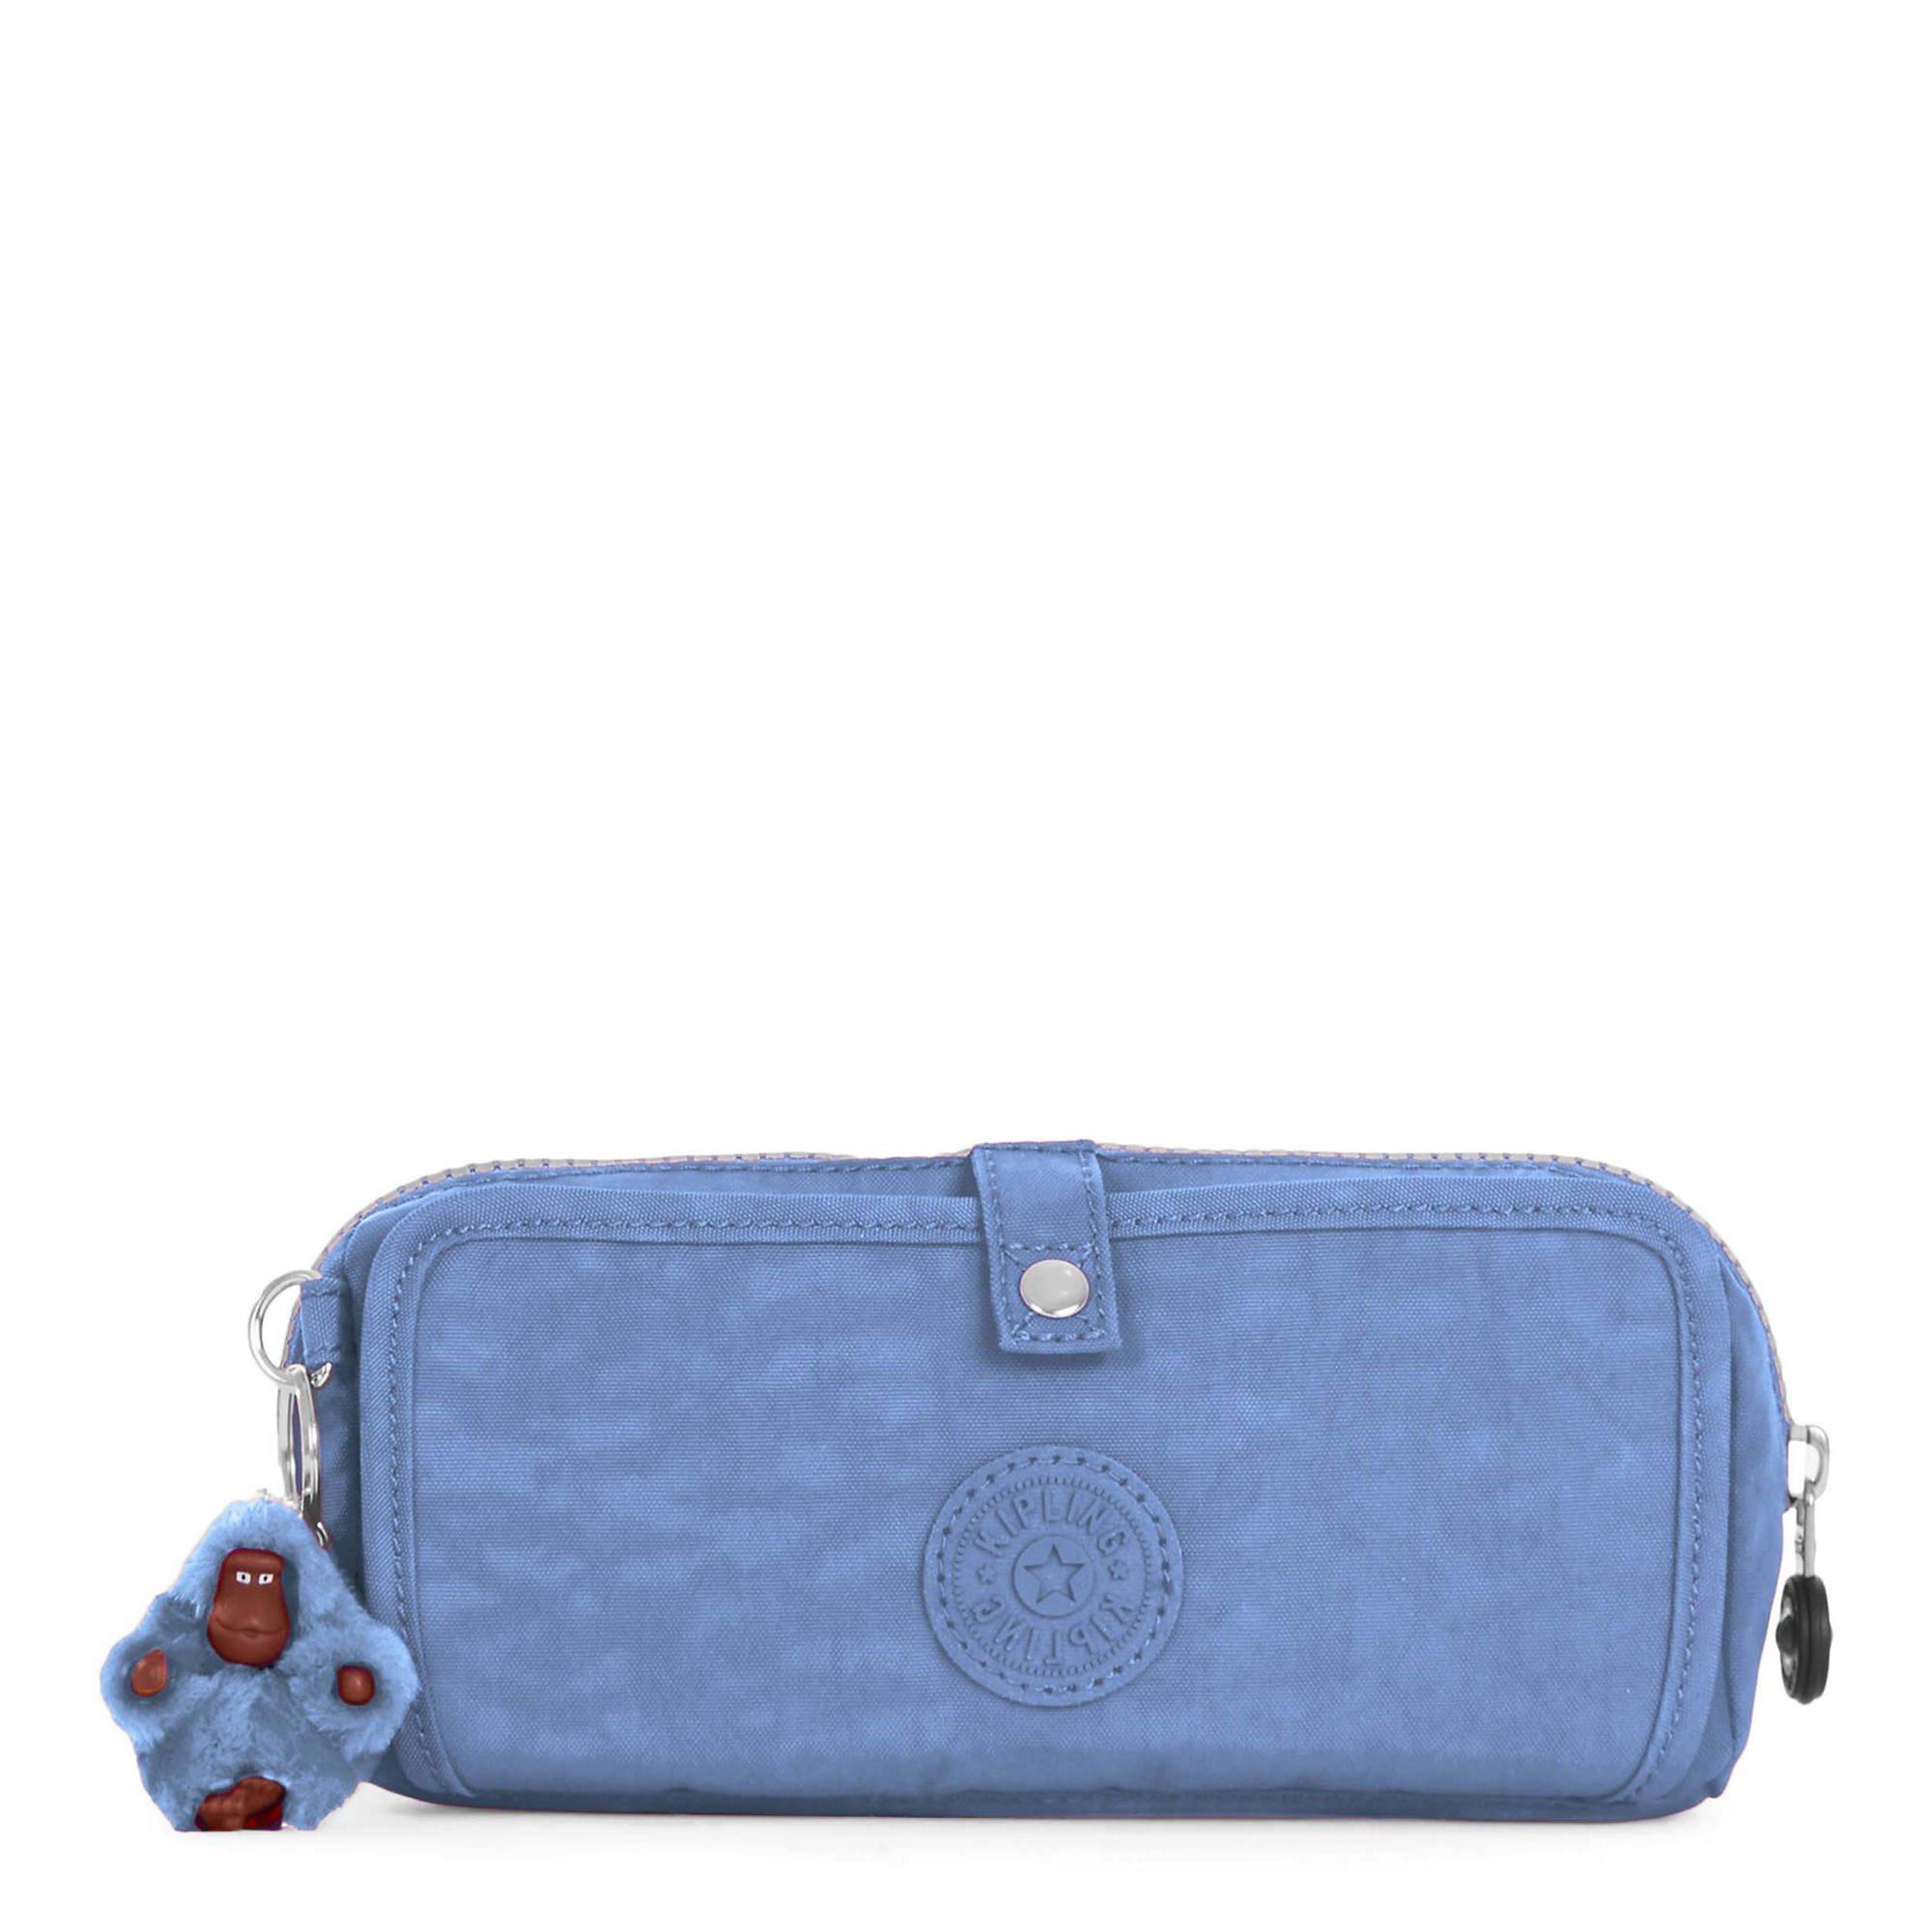 Kipling Women's Wolfe Pencil Pouch One Size Dream Blue